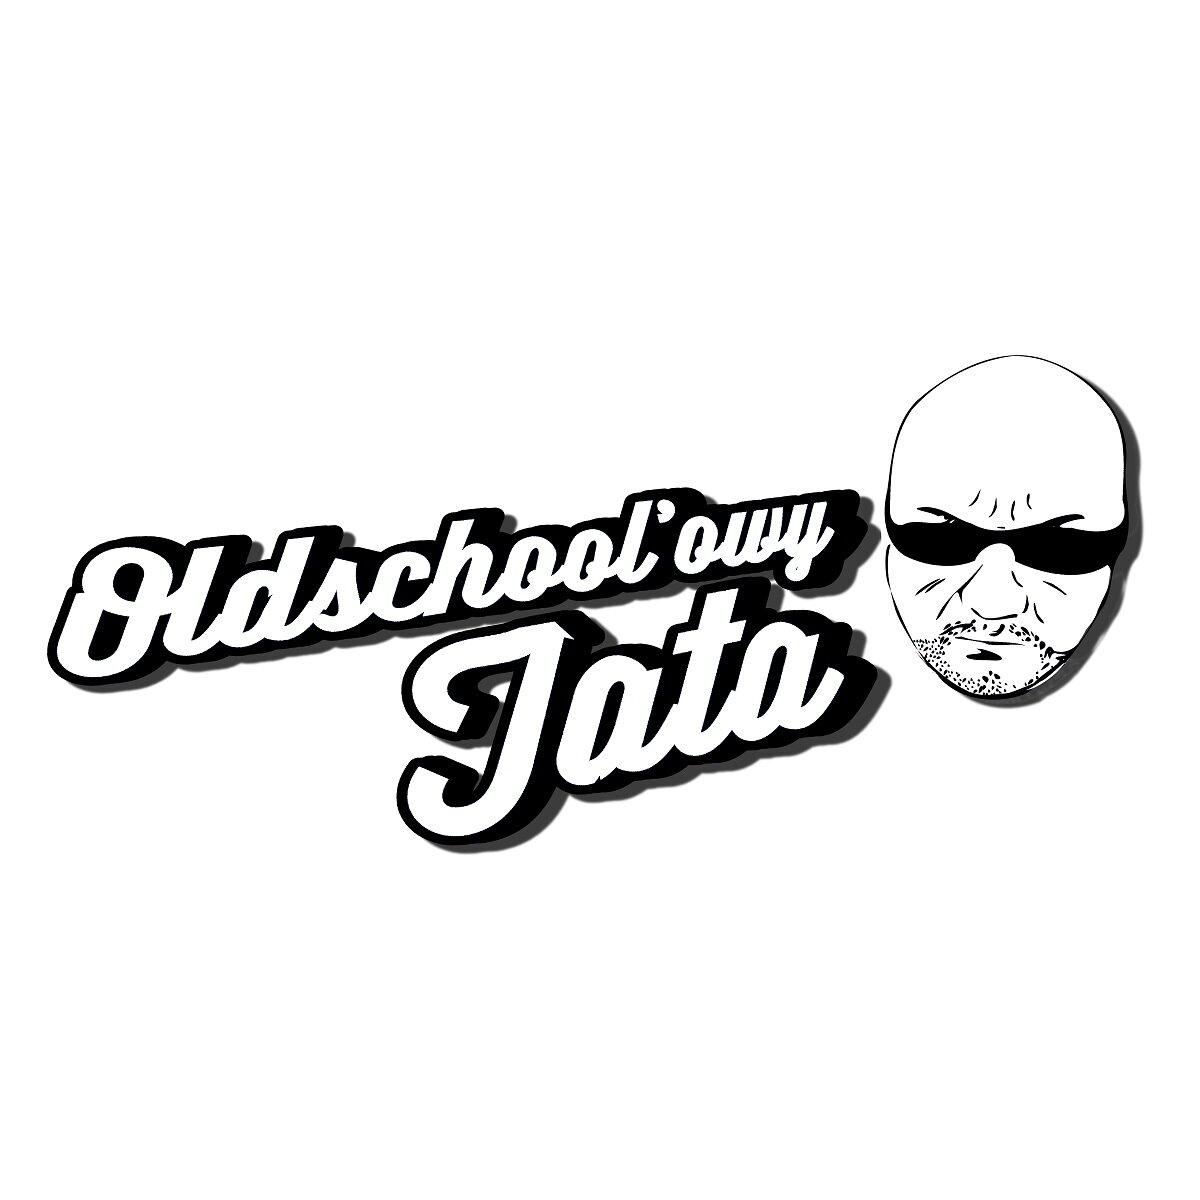 OLDSCHOOLOWY TATA